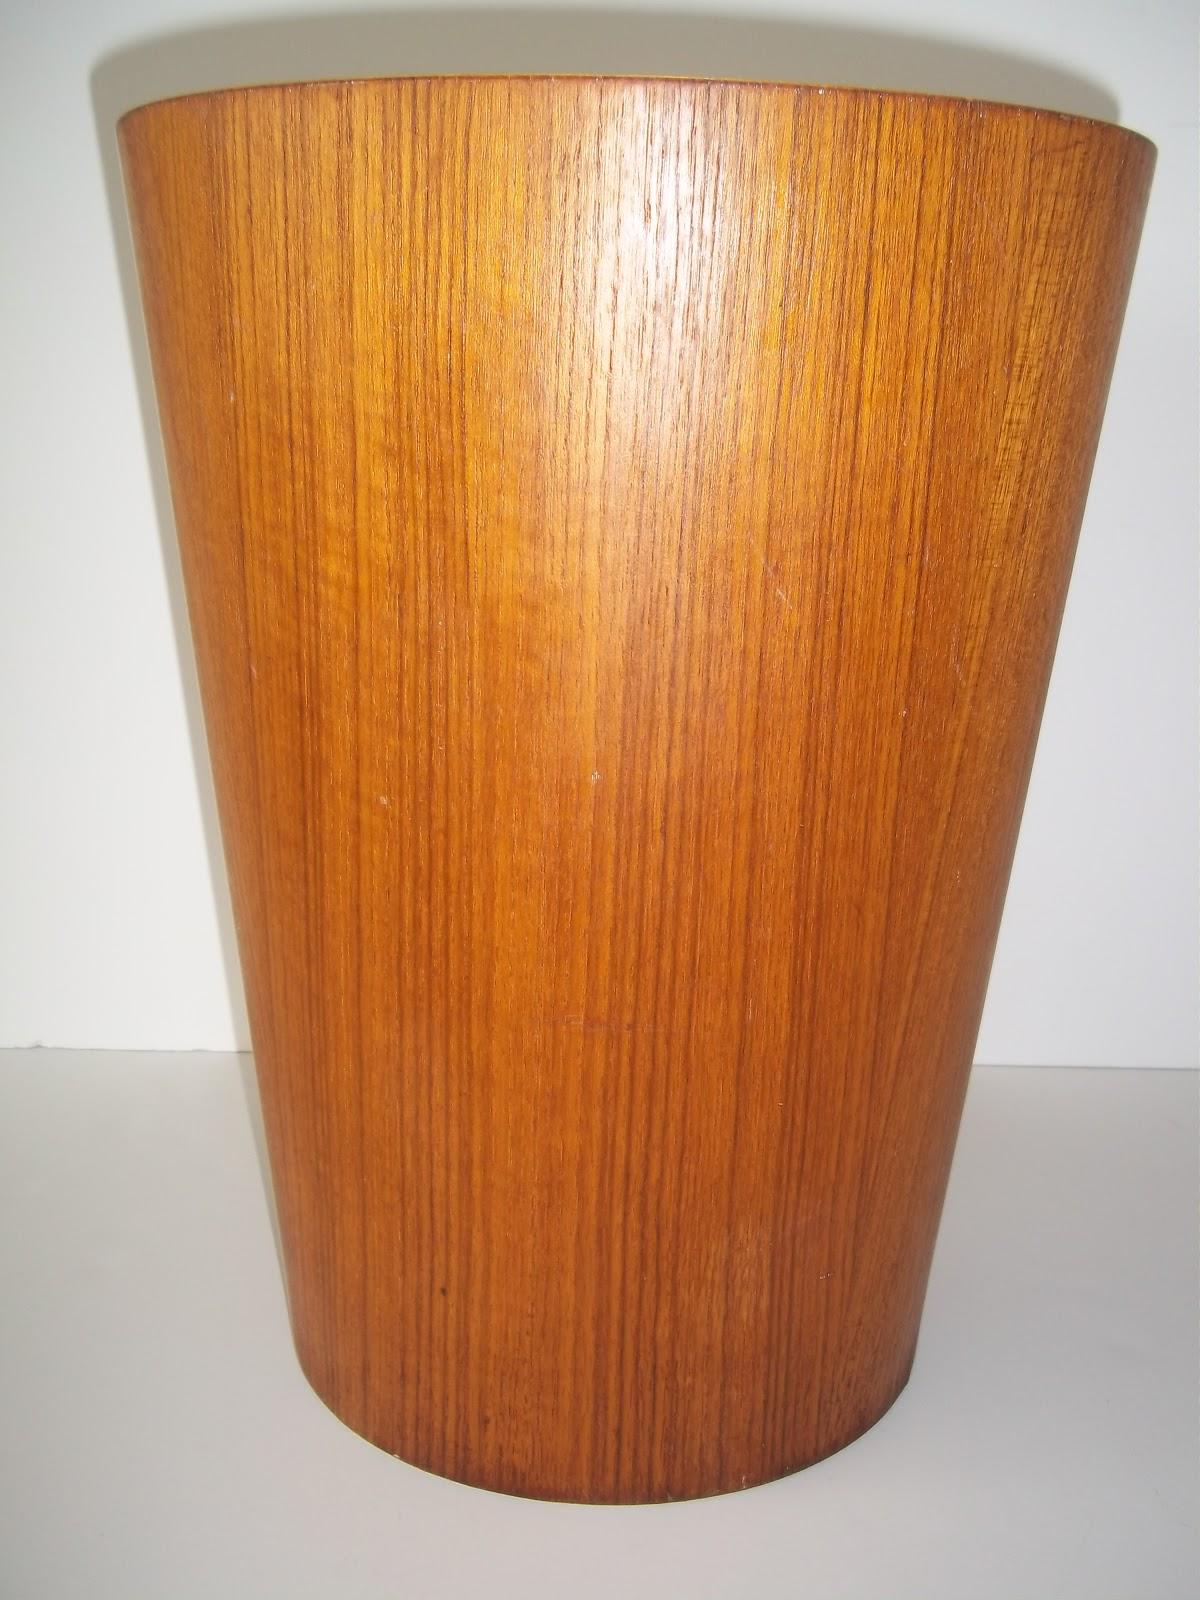 Modern20 mid century danish modern teak waste basket for Decoratives from waste